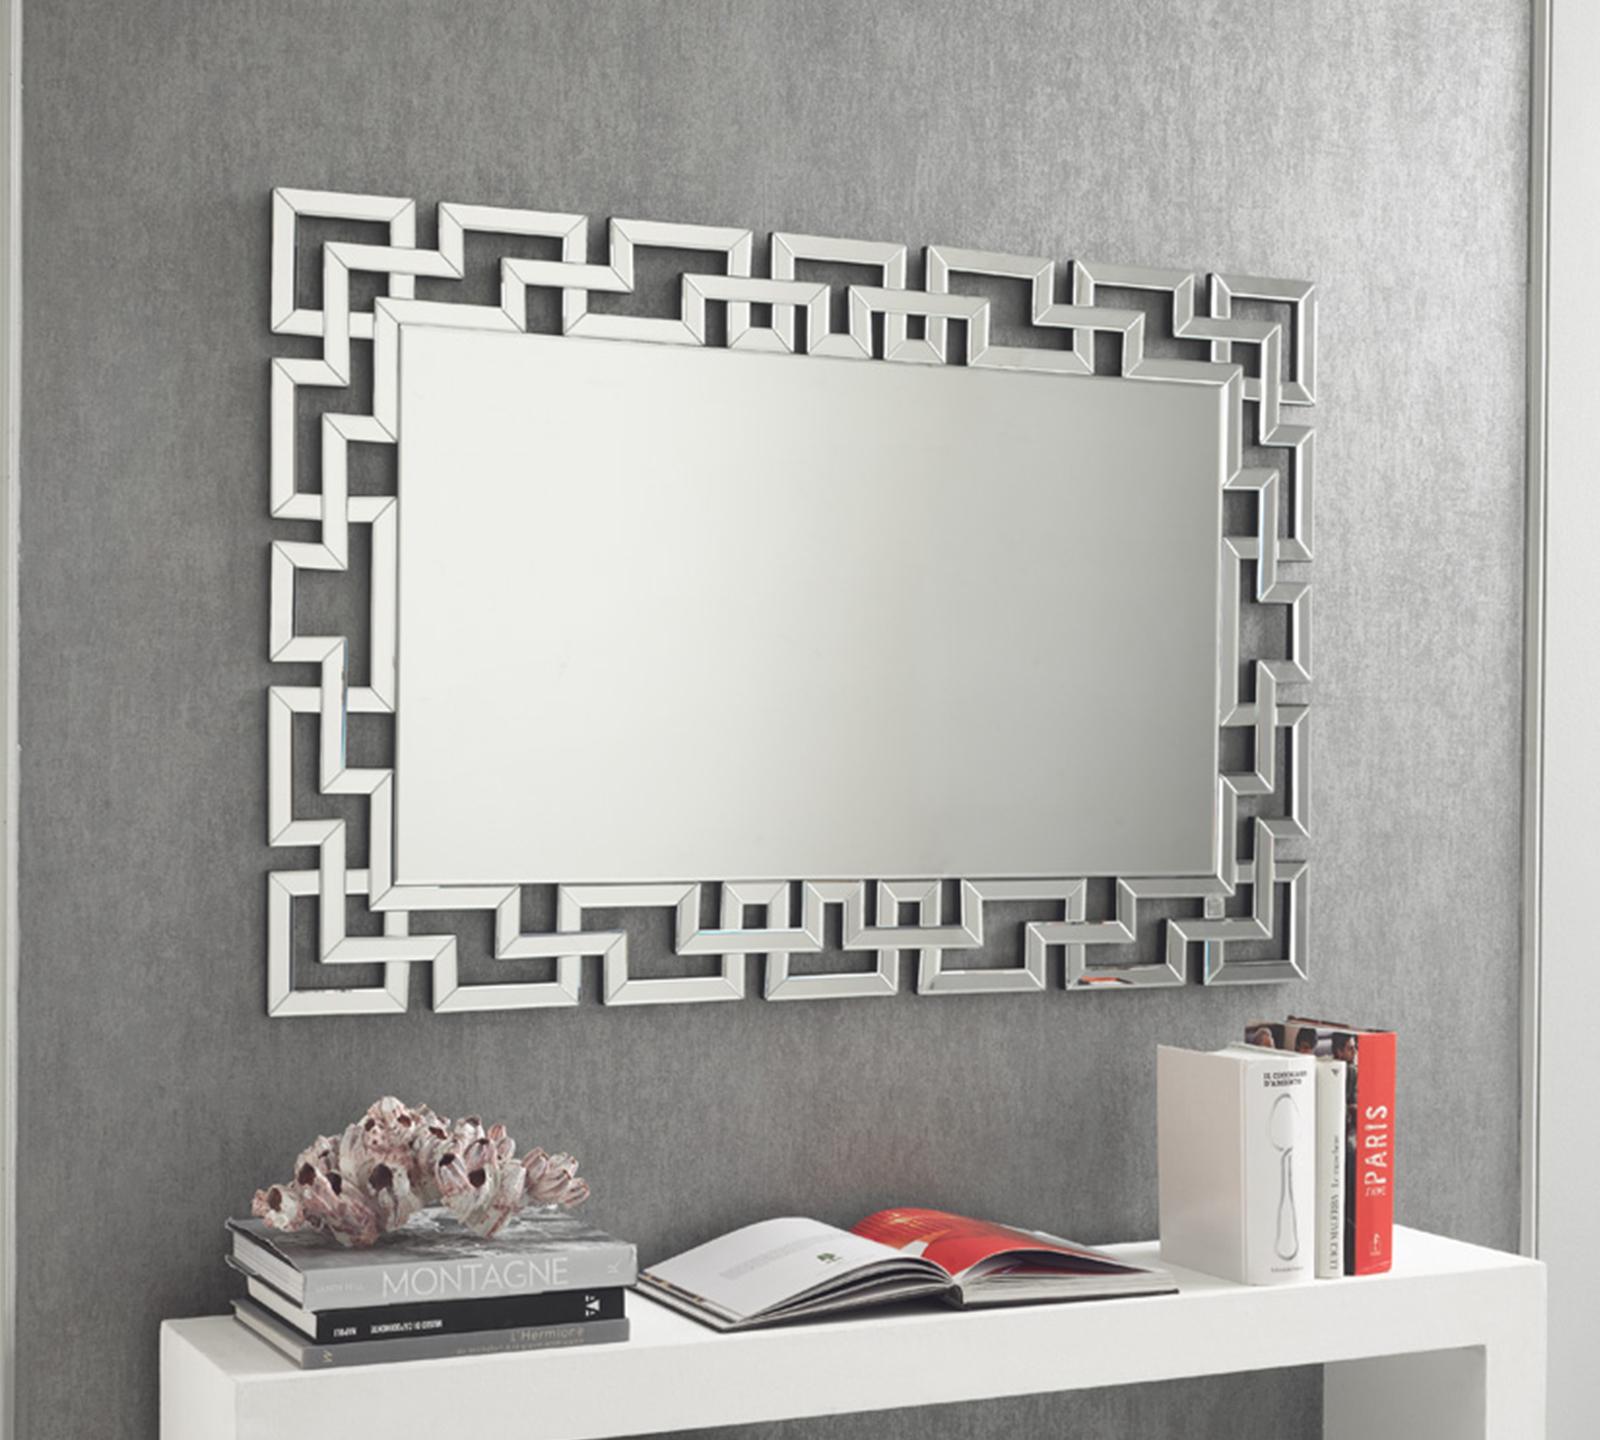 Specchio sp 020 duzzle - Supporti per specchi a parete ...